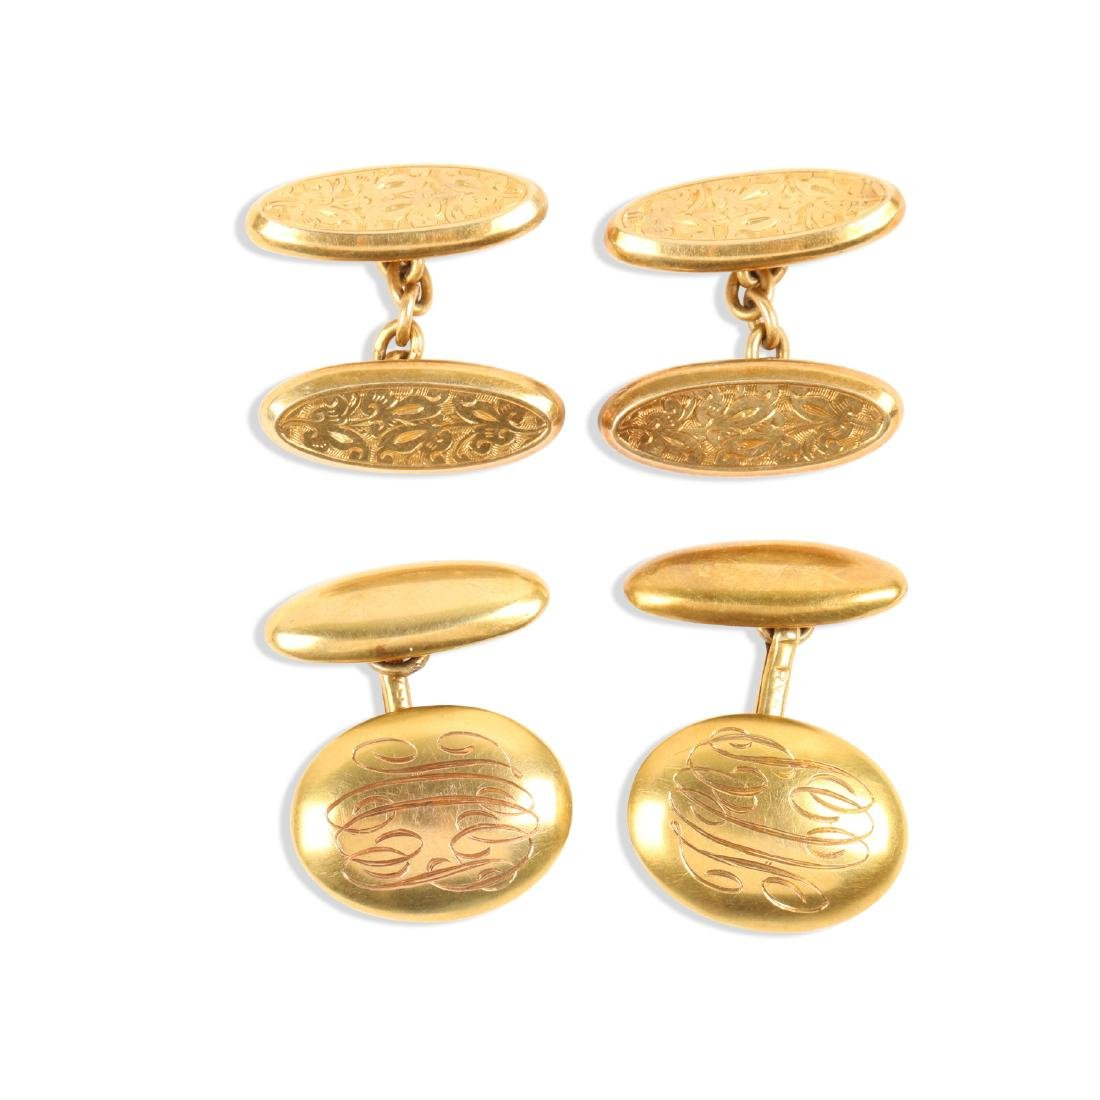 A Pair, 14K-18K Gold Cufflinks